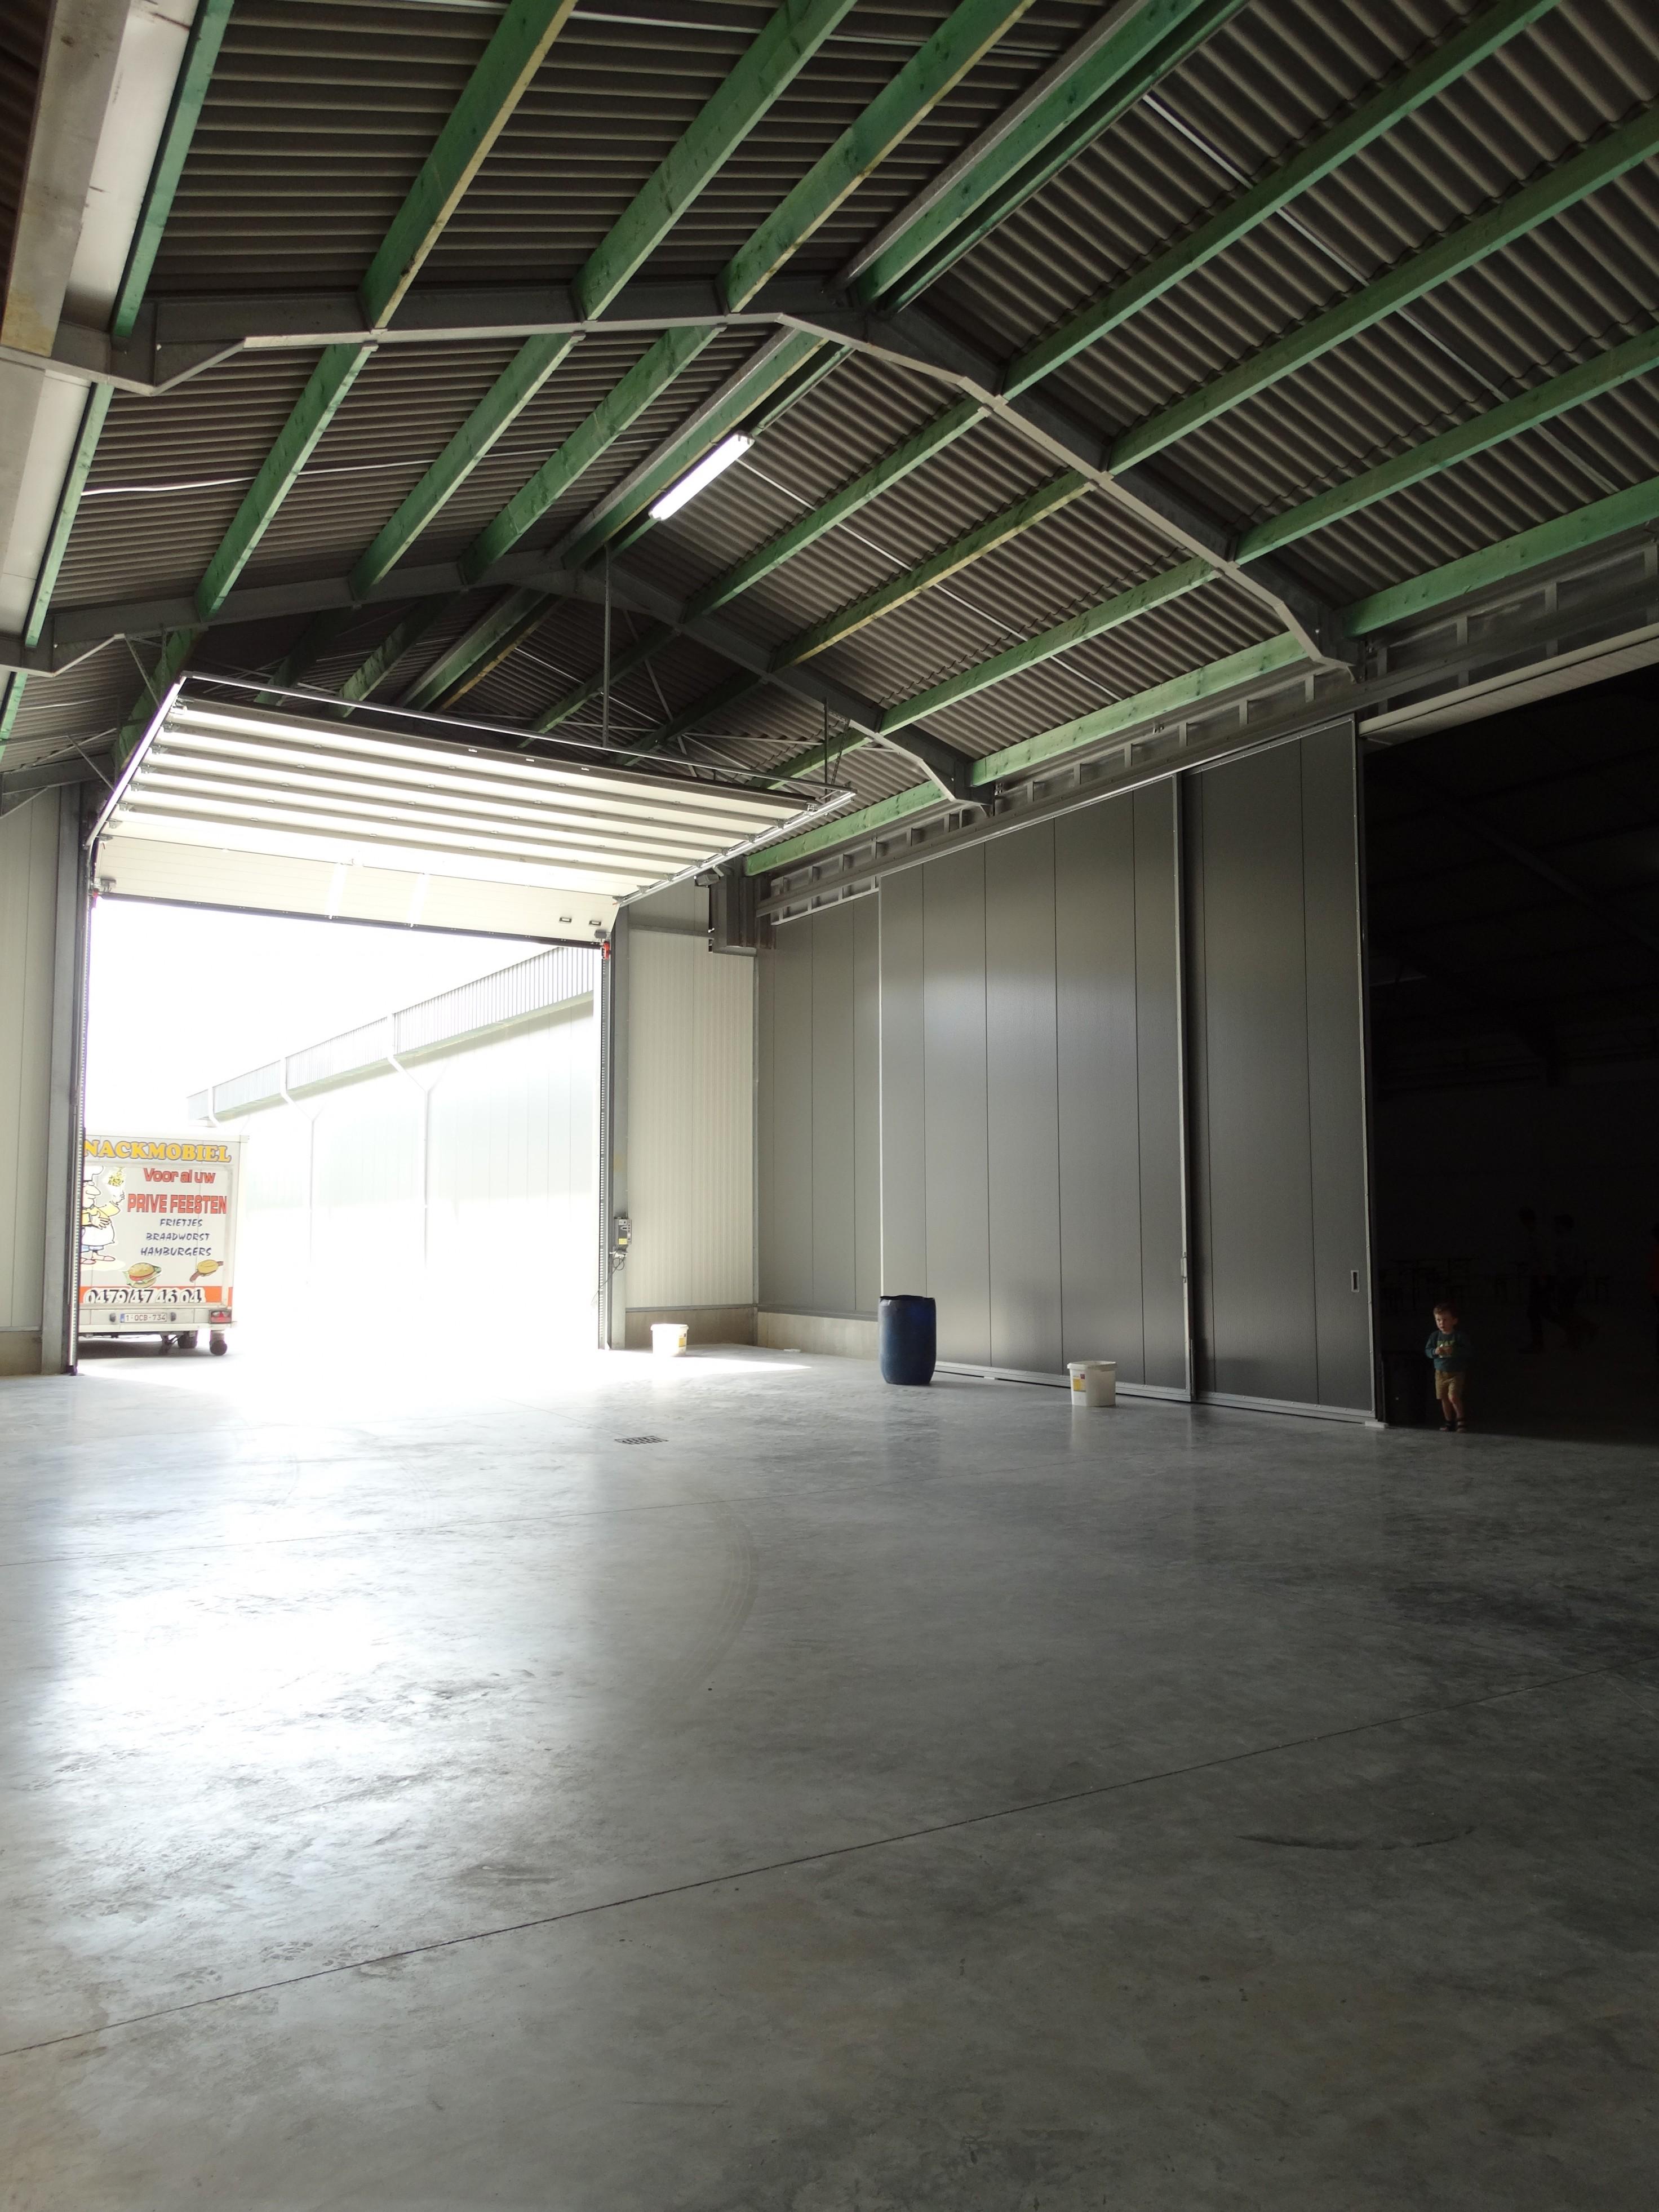 lefevre-Rosseignies-aardappelloods_hangar stockage pommes de terre (17).JPG